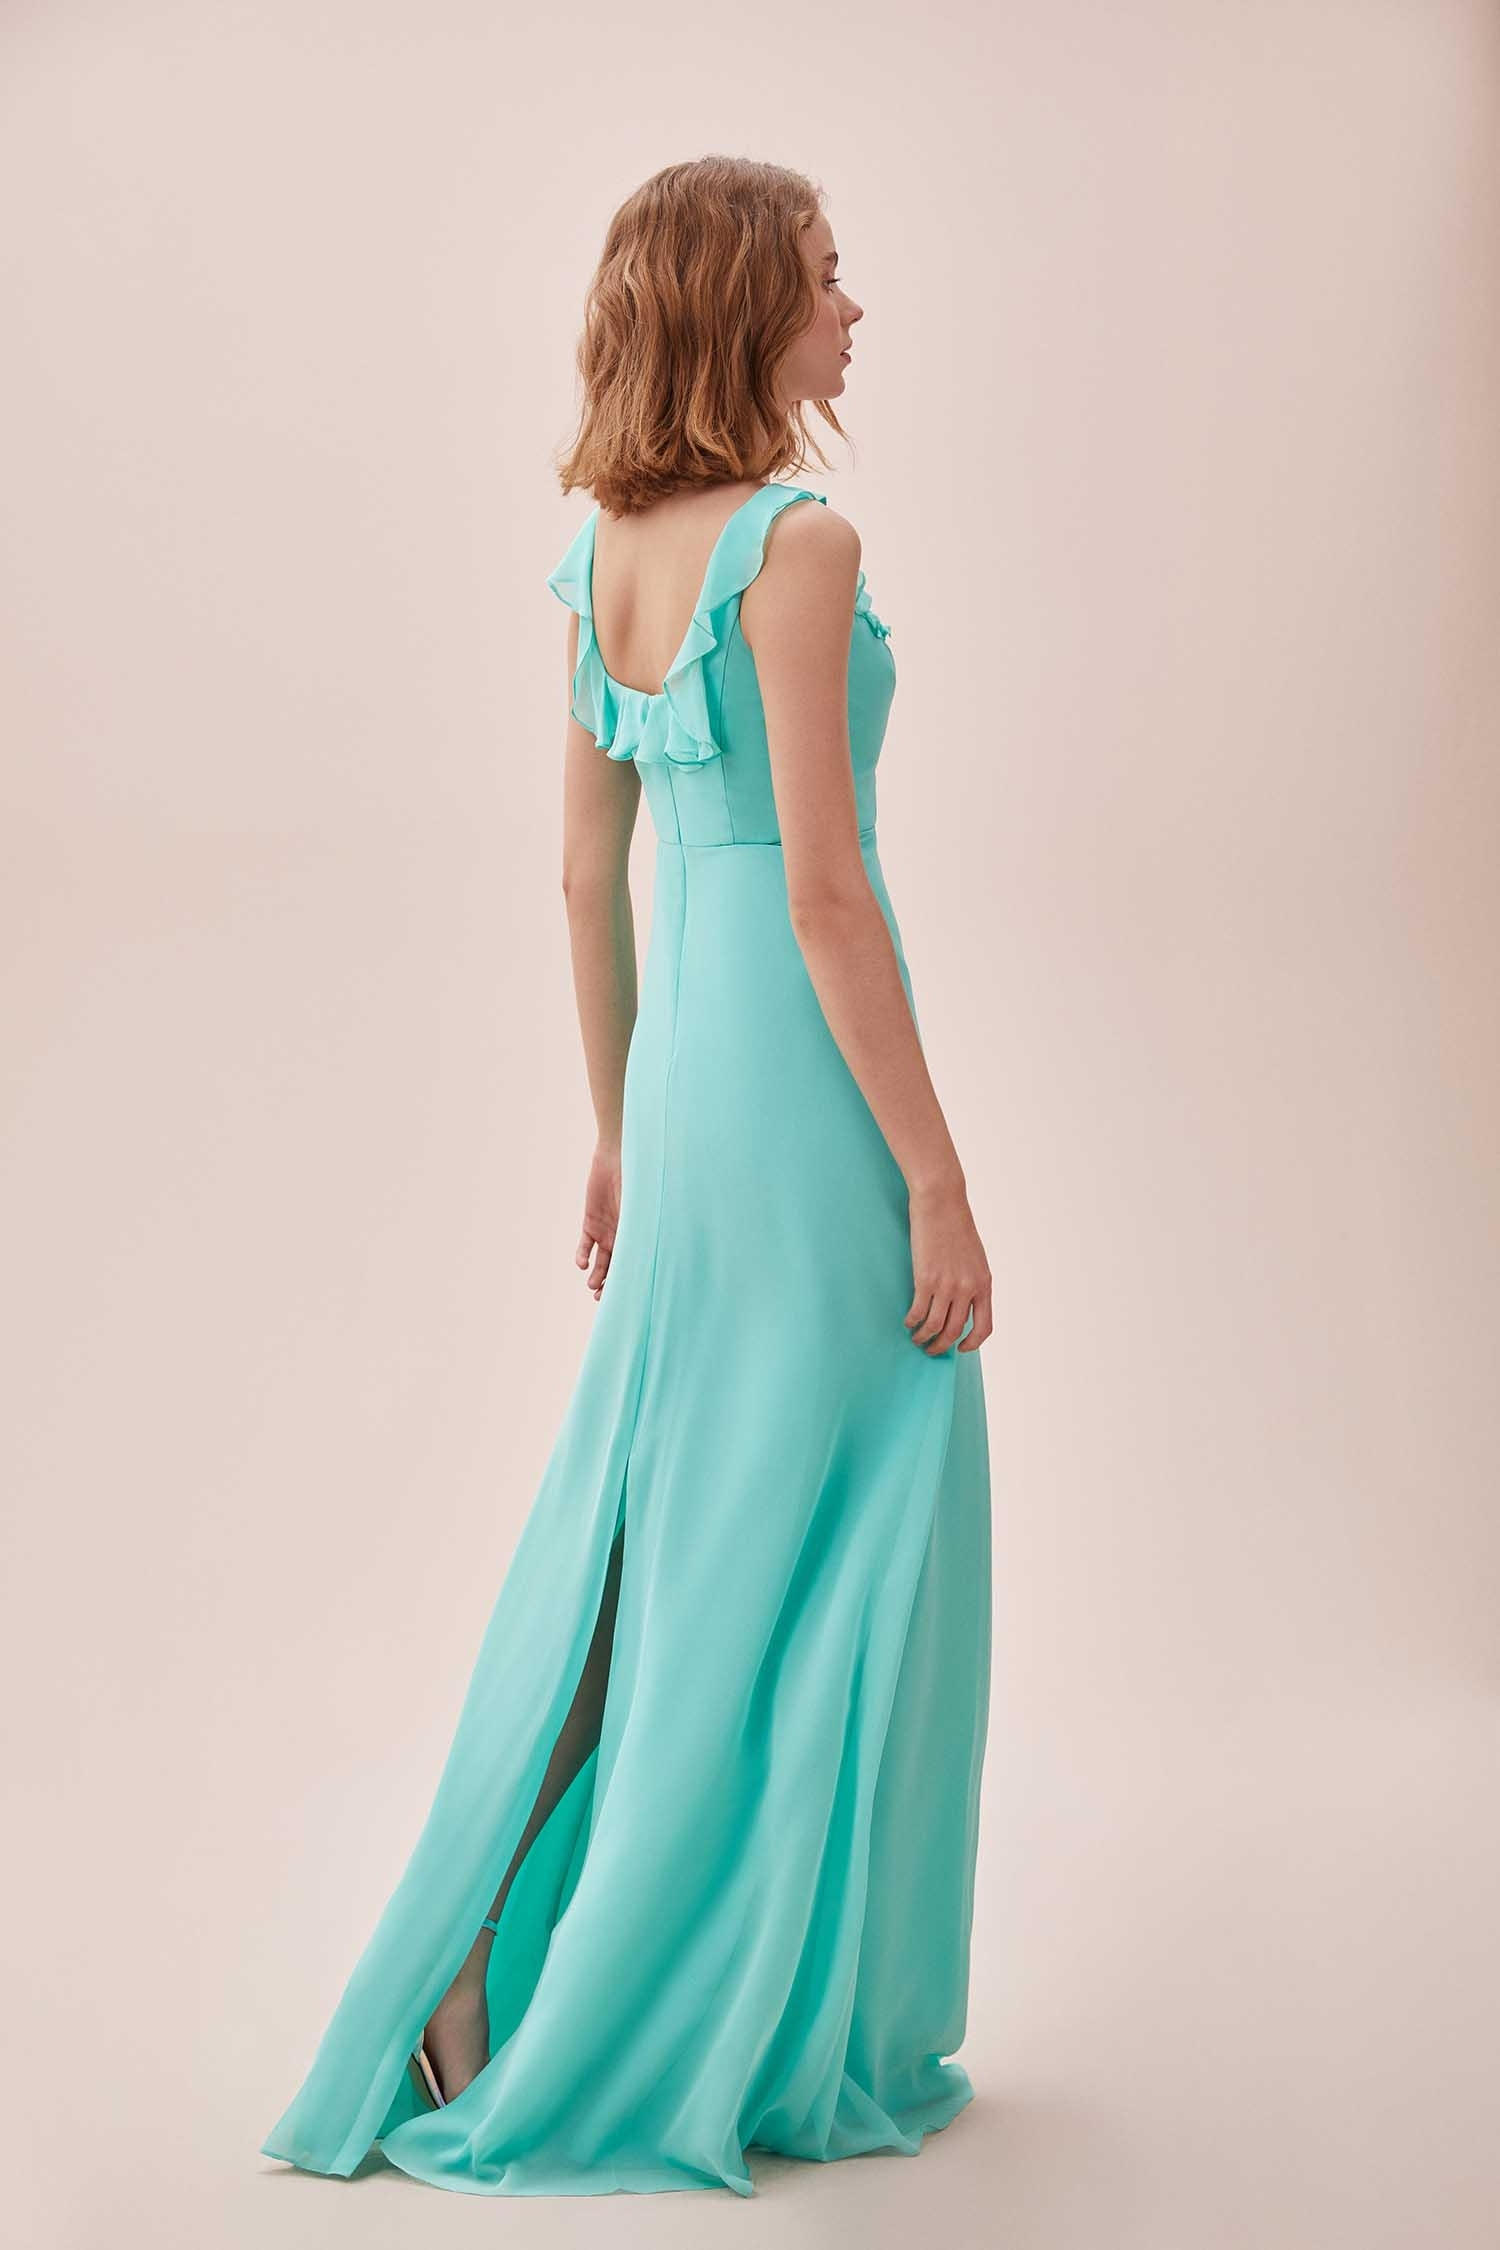 Mint Yeşili Fırfırlı Kare Yaka Şifon Uzun Elbise - Thumbnail